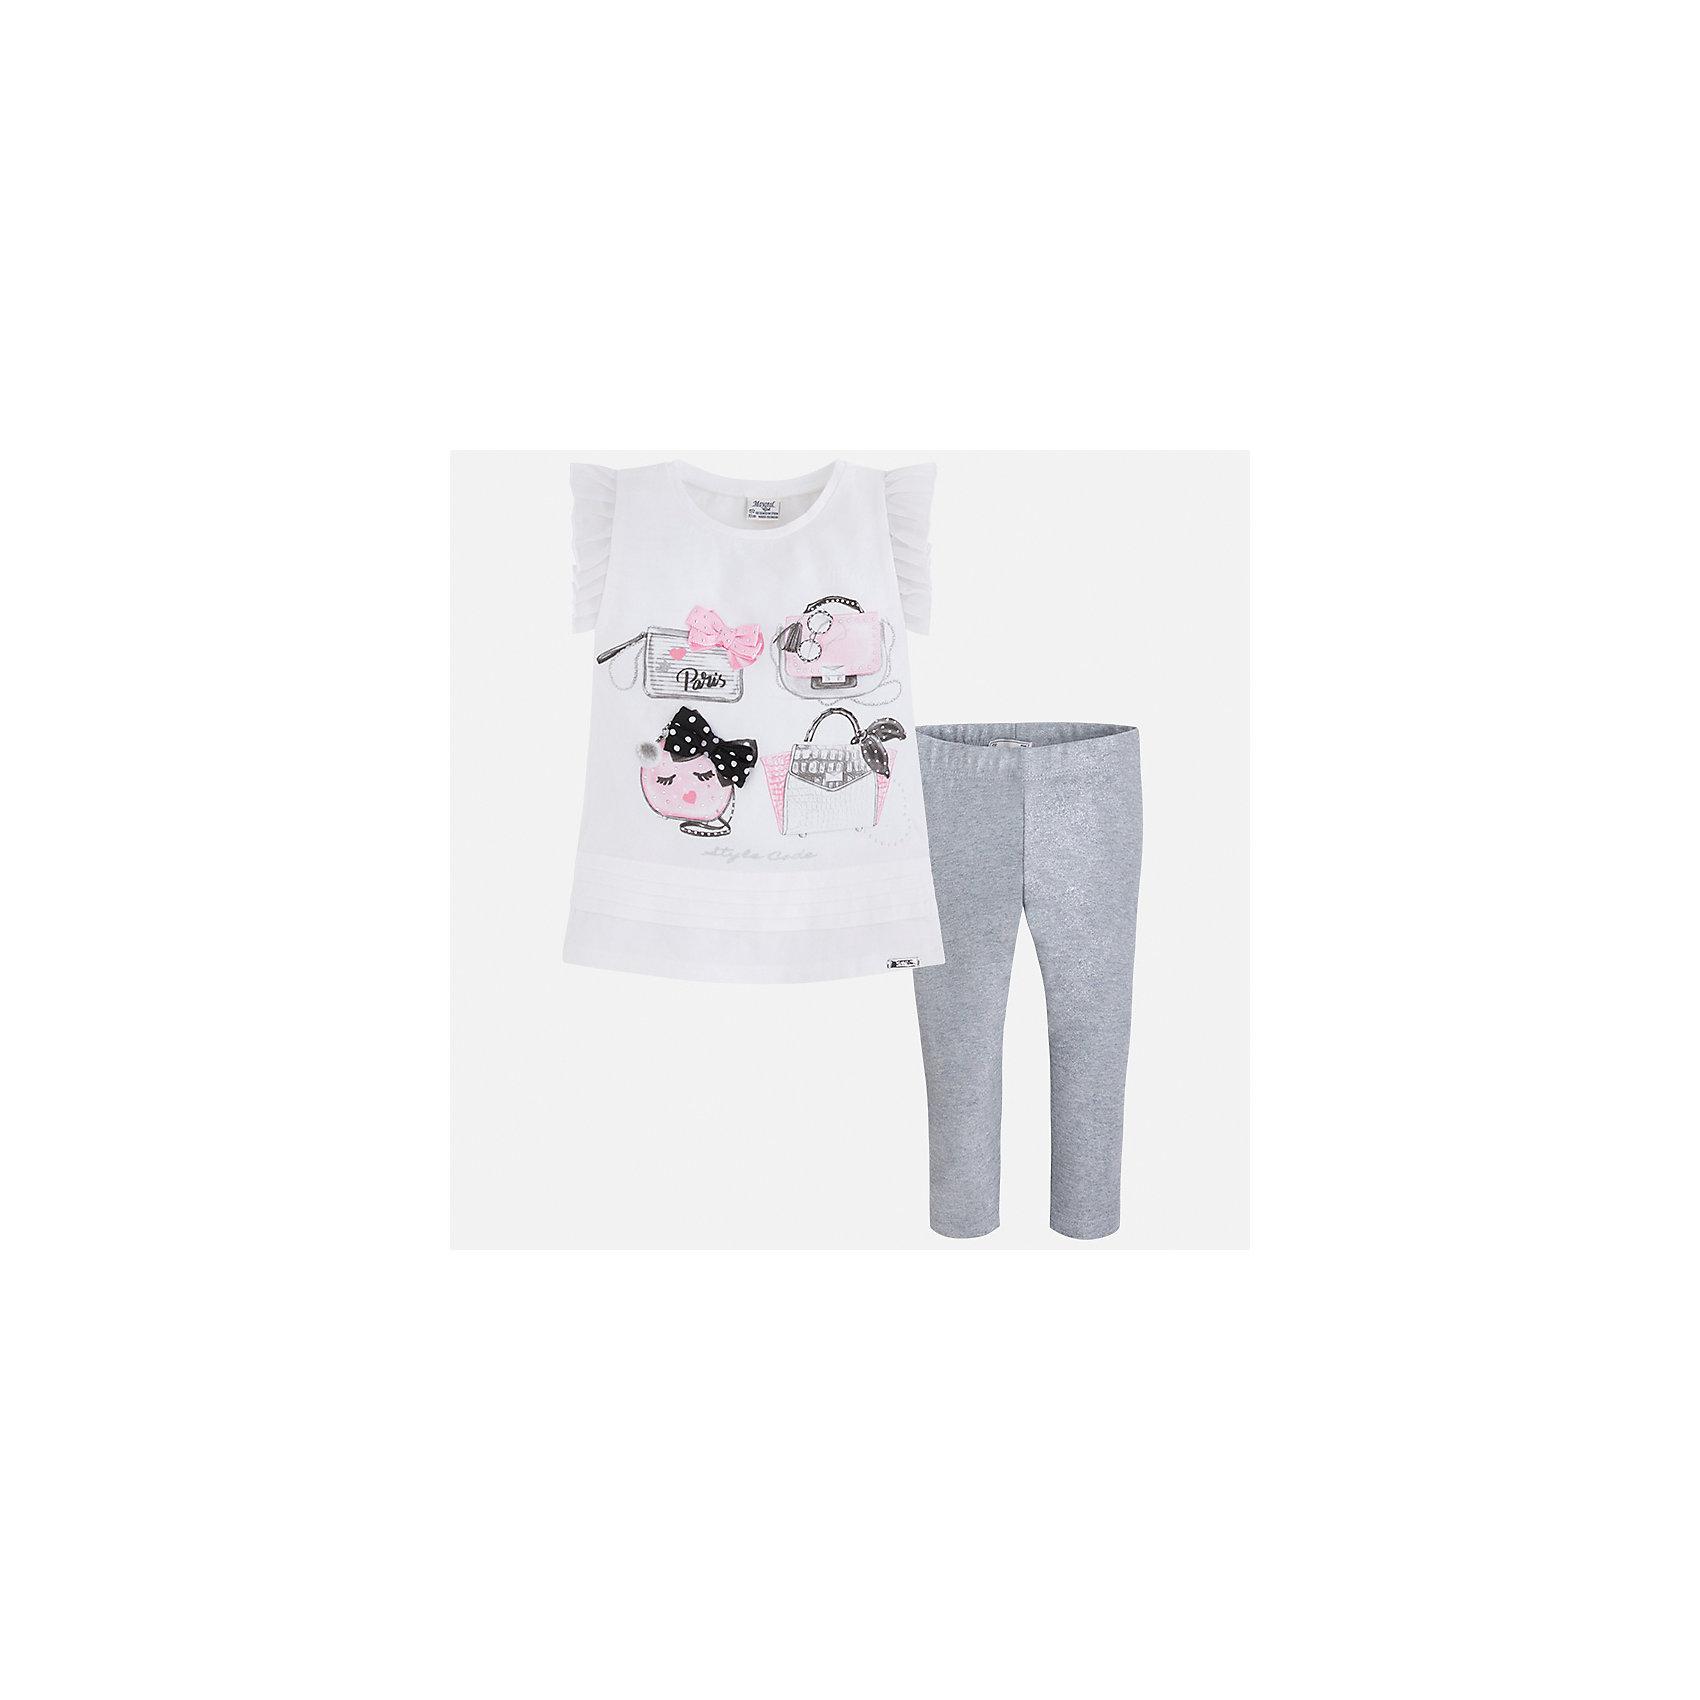 Комплект: блузка и леггинсы для девочки MayoralКомплекты<br>Характеристики товара:<br><br>• цвет: белый/серый<br>• состав: 95% хлопок, 5% эластан<br>• комплектация: футболка, леггинсы<br>• футболка декорирована принтом и оборками<br>• леггинсы однотонные<br>• пояс на резинке<br>• страна бренда: Испания<br><br>Красивый качественный комплект для девочки поможет разнообразить гардероб ребенка и удобно одеться в теплую погоду. Он отлично сочетается с другими предметами. Универсальный цвет позволяет подобрать к вещам верхнюю одежду практически любой расцветки. Интересная отделка модели делает её нарядной и оригинальной. В составе материала - натуральный хлопок, гипоаллергенный, приятный на ощупь, дышащий.<br><br>Одежда, обувь и аксессуары от испанского бренда Mayoral полюбились детям и взрослым по всему миру. Модели этой марки - стильные и удобные. Для их производства используются только безопасные, качественные материалы и фурнитура. Порадуйте ребенка модными и красивыми вещами от Mayoral! <br><br>Комплект для девочки от испанского бренда Mayoral (Майорал) можно купить в нашем интернет-магазине.<br><br>Ширина мм: 123<br>Глубина мм: 10<br>Высота мм: 149<br>Вес г: 209<br>Цвет: серый<br>Возраст от месяцев: 96<br>Возраст до месяцев: 108<br>Пол: Женский<br>Возраст: Детский<br>Размер: 134,92,98,104,110,116,122,128<br>SKU: 5290604